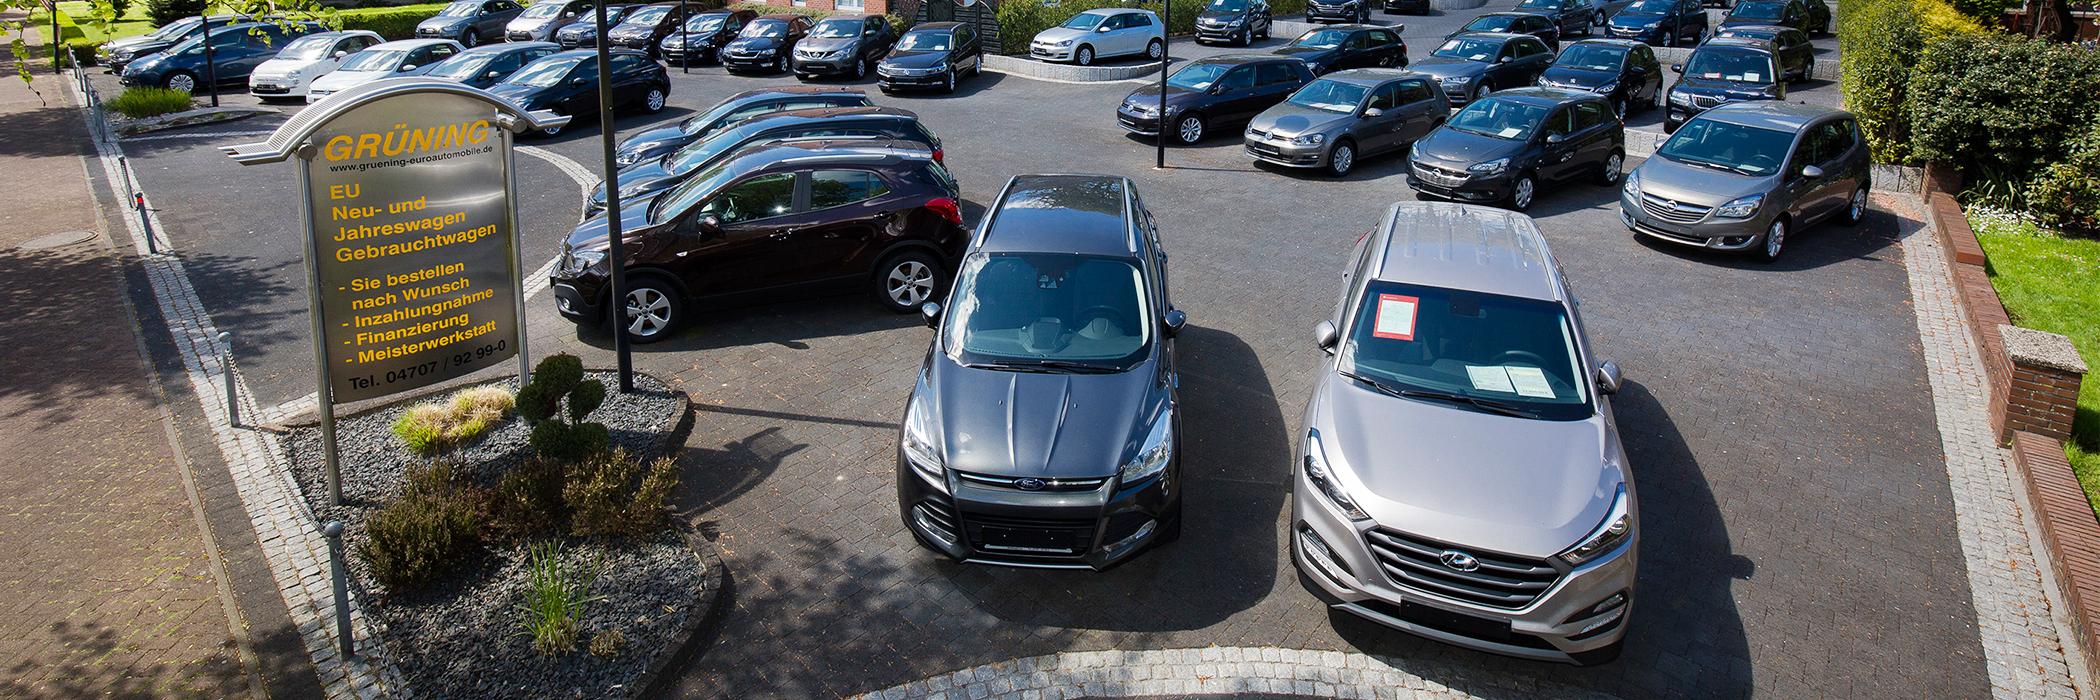 Grüning Automobile Autoverkauf Gebrauchtwagen Neuwagen